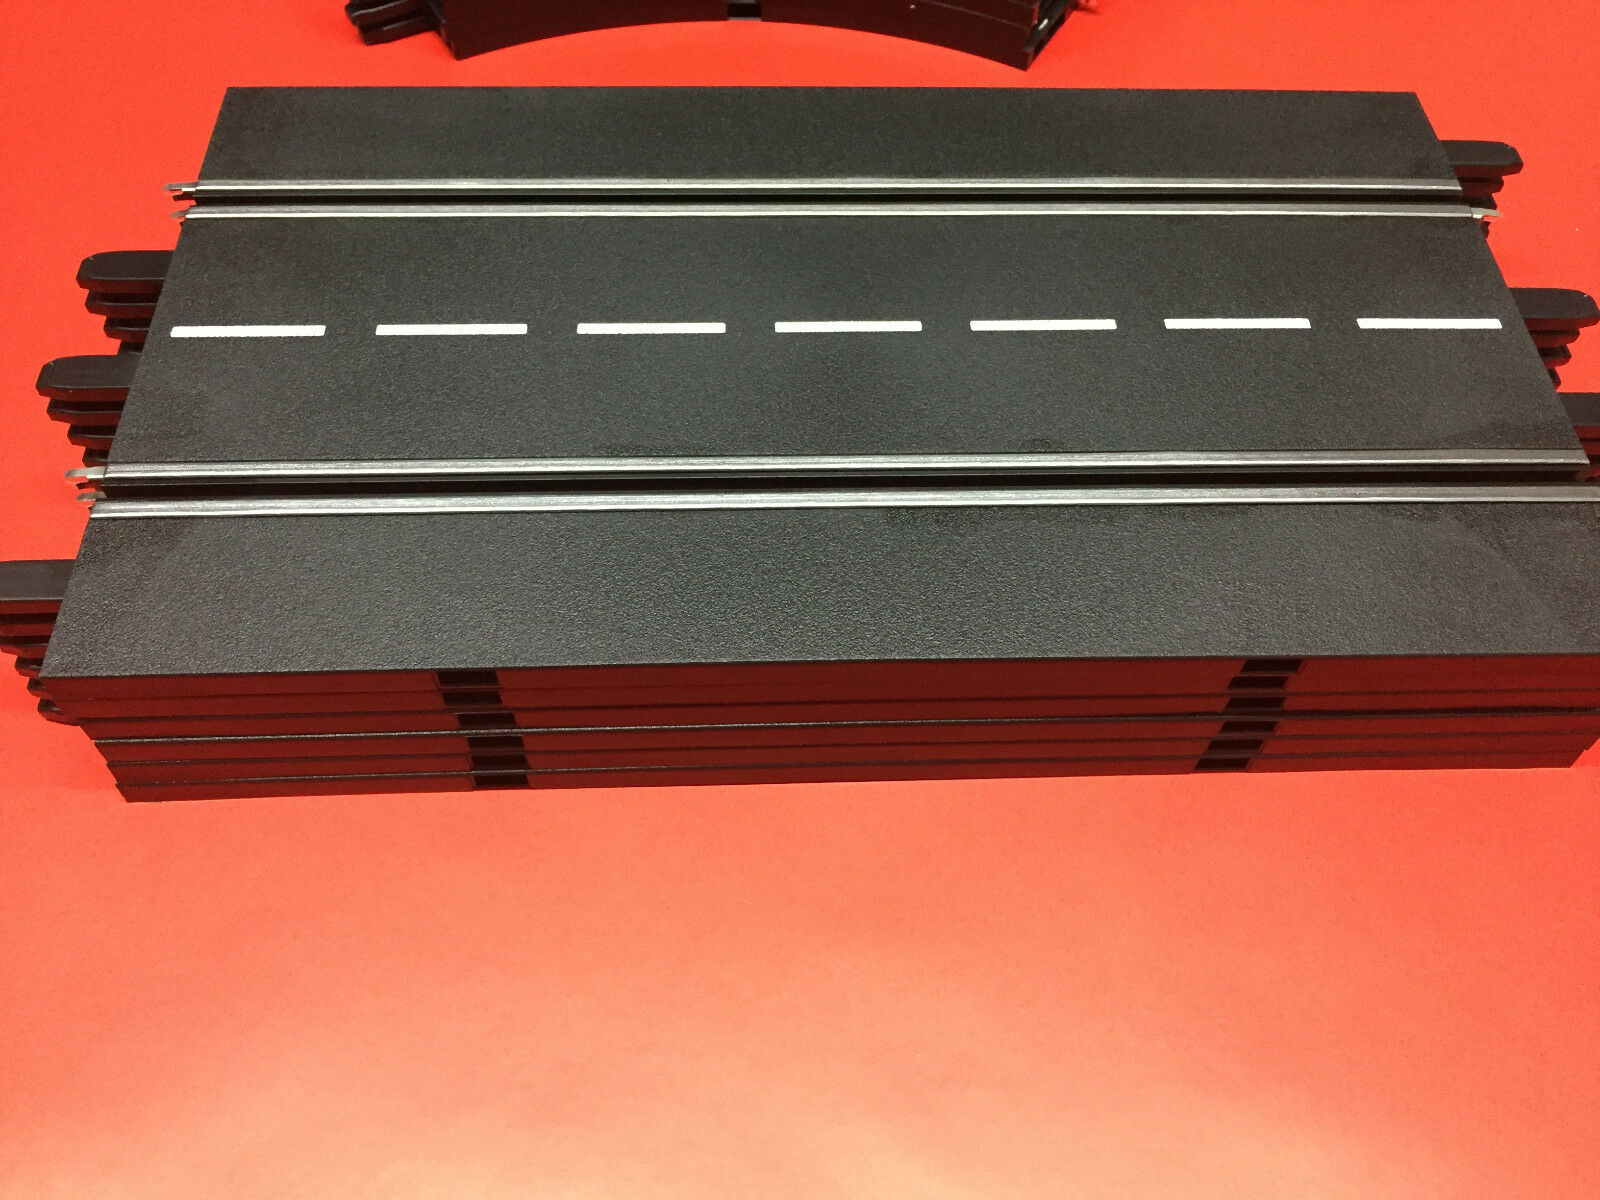 Carrera Evolution Digital 132 -124 - - - 6 x Gerade Standardgerade 20509 NEUWARE  | Sonderkauf  217e03